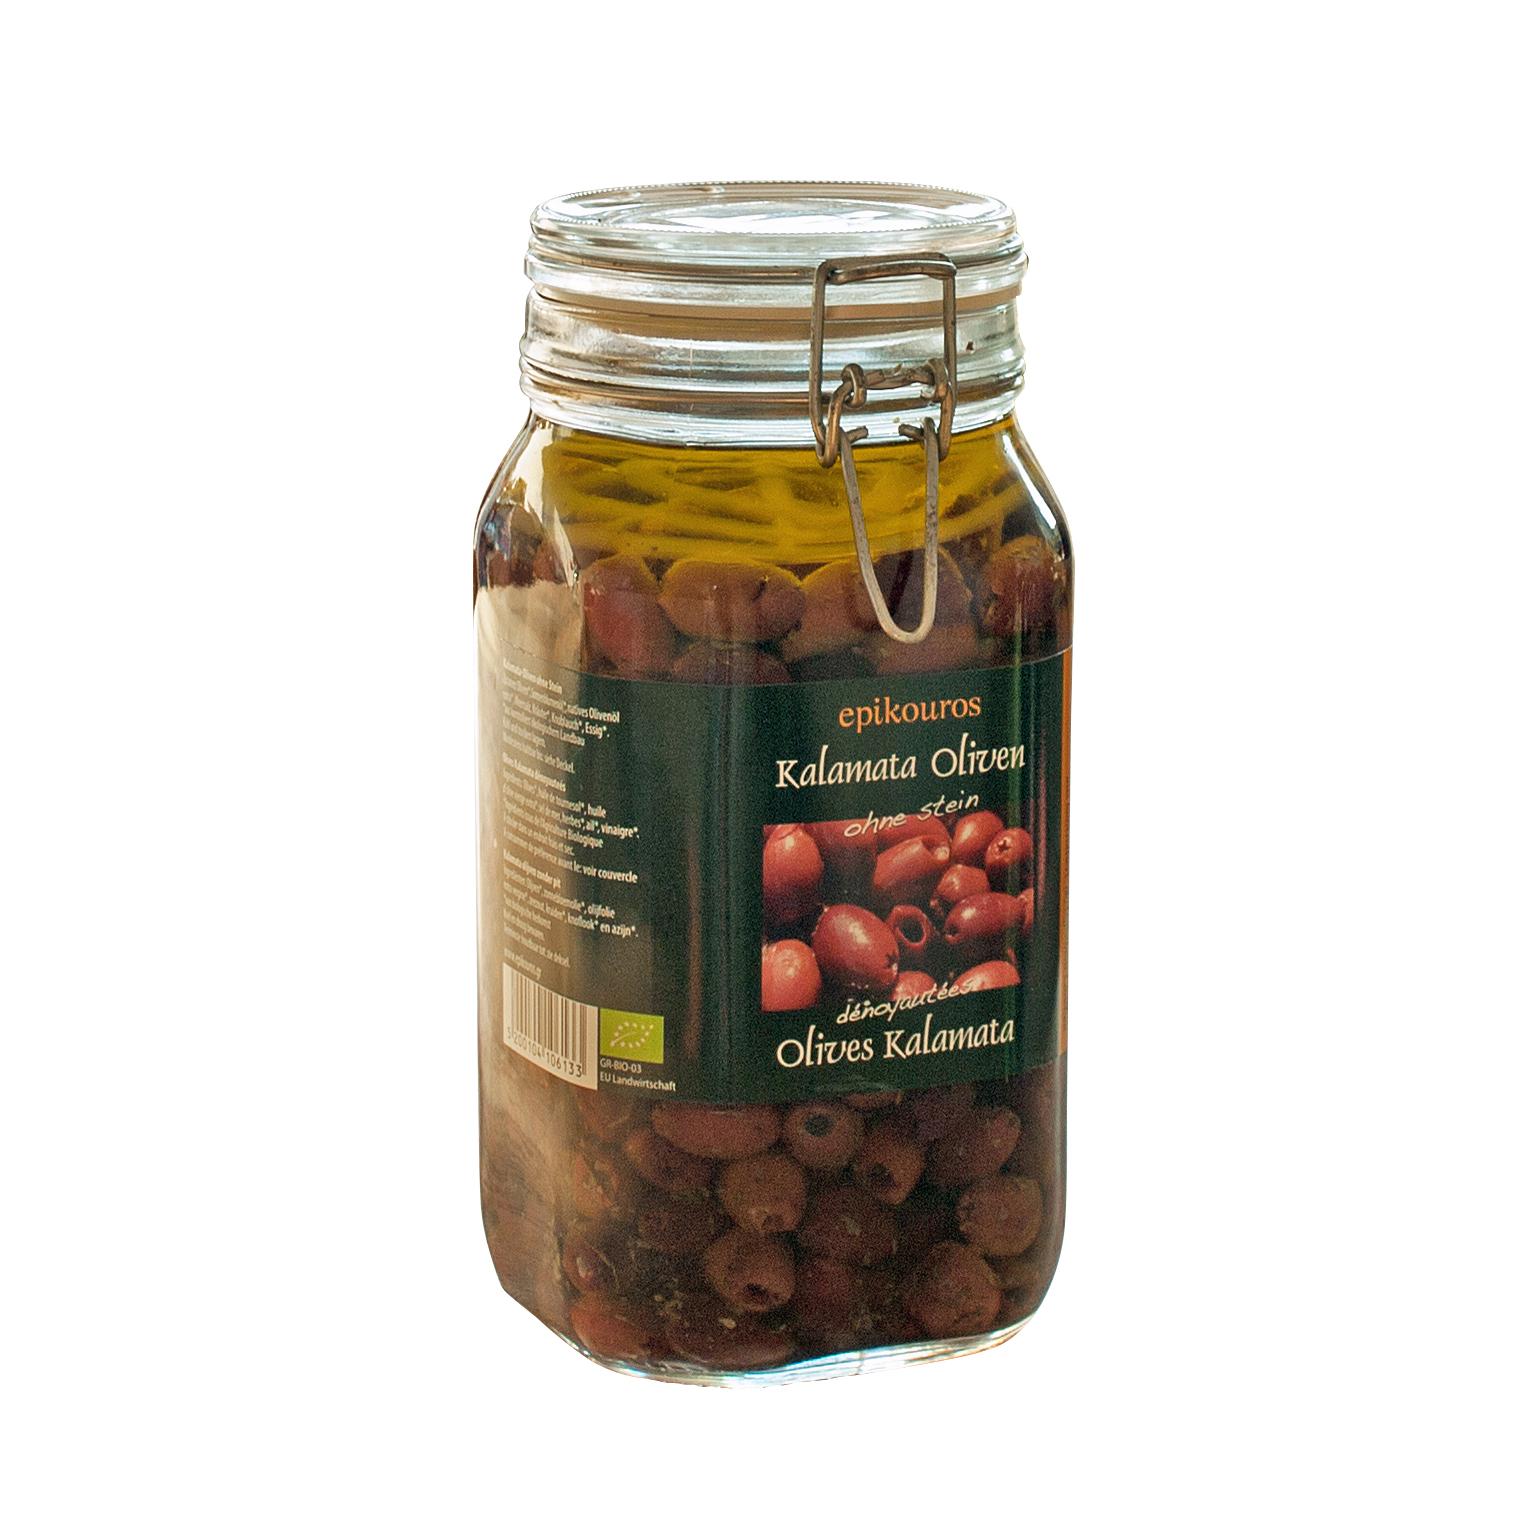 Øko RAW upasteuriseret Kalamata oliven uden sten  i olie med urter.